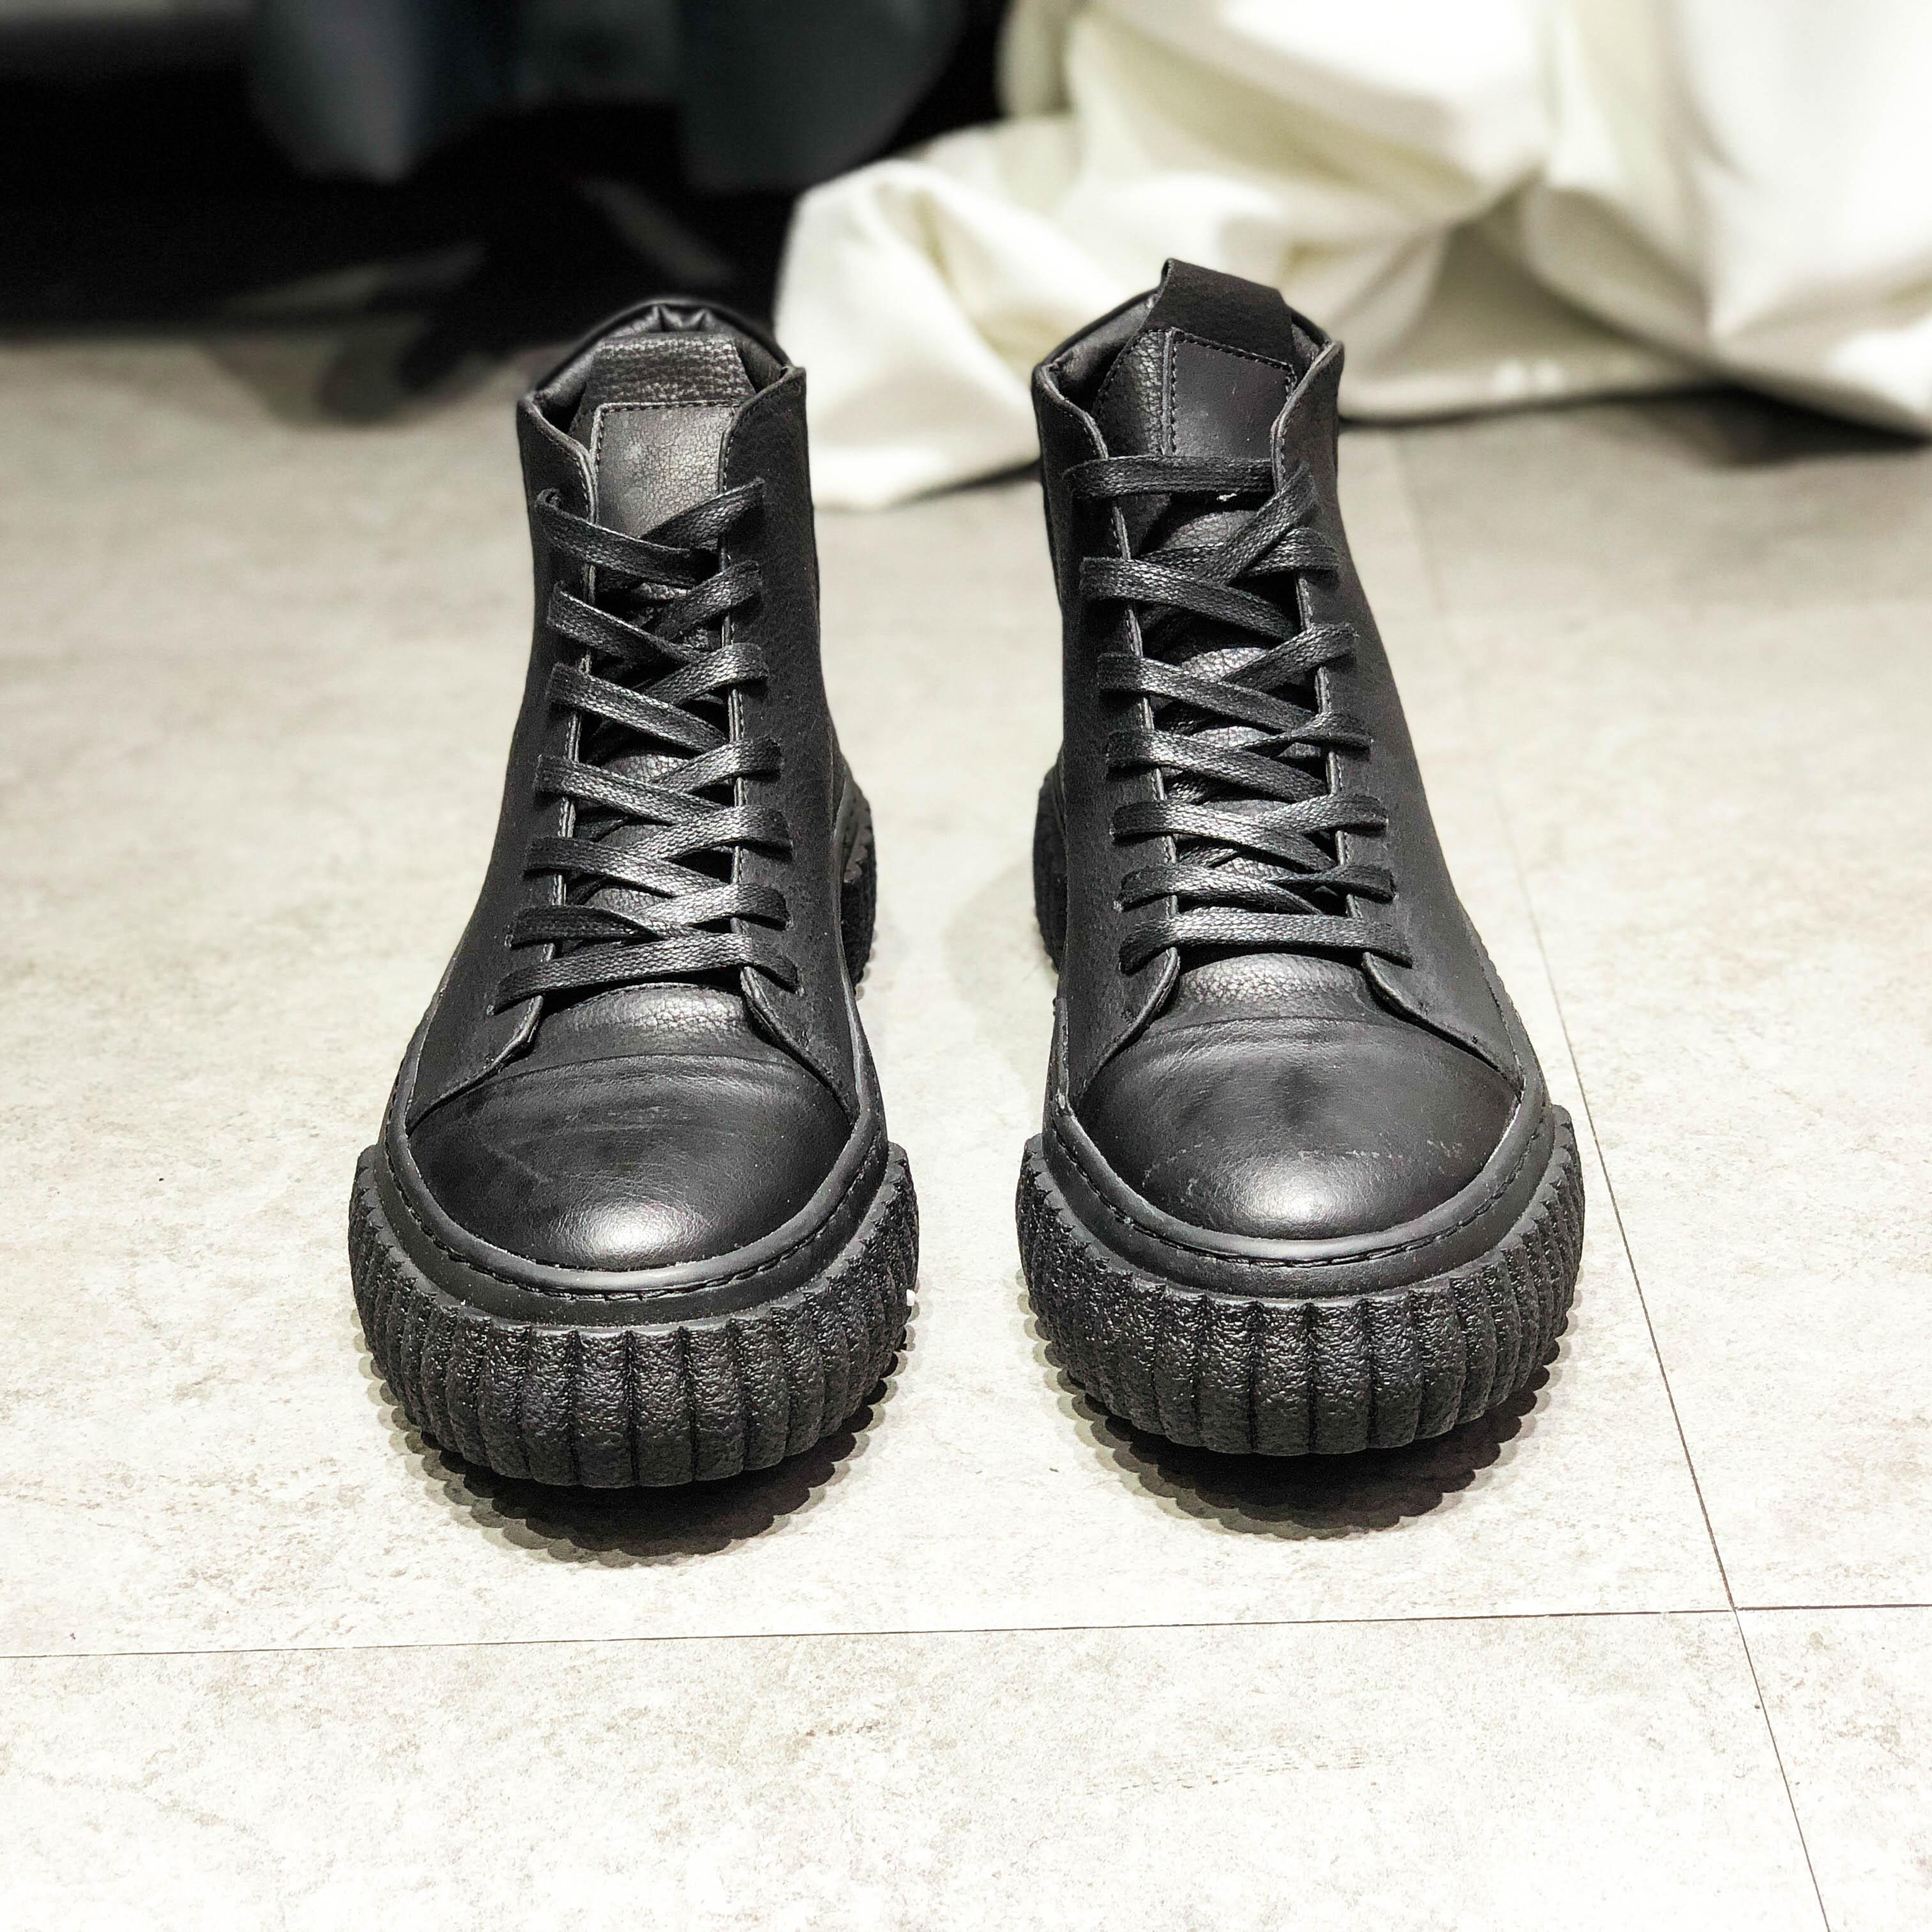 Europe Station Kulit Pria Pergelangan Kaki Tinggi Sepatu Sepatu Trendi (Hitam)